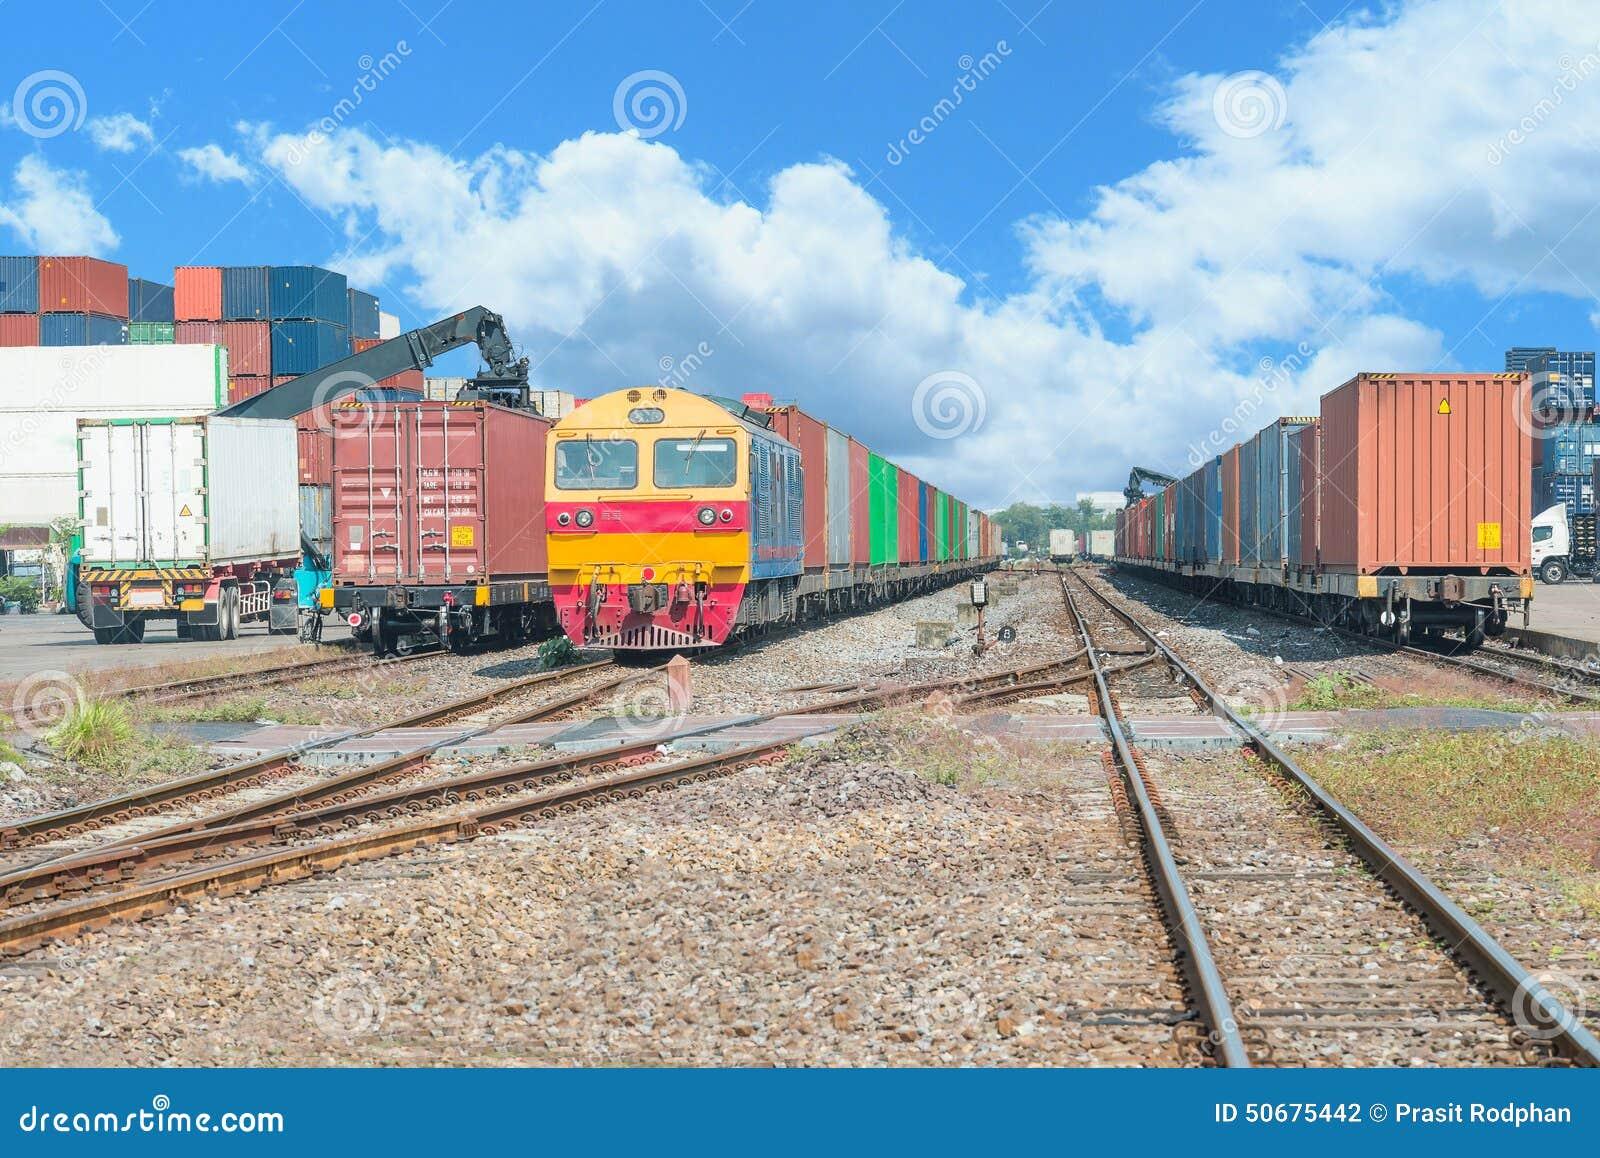 Download 在货物终端的货车船坞的 库存照片. 图片 包括有 拖车, 培训, 运费, 传送, 机车, 维修站, 铁路 - 50675442